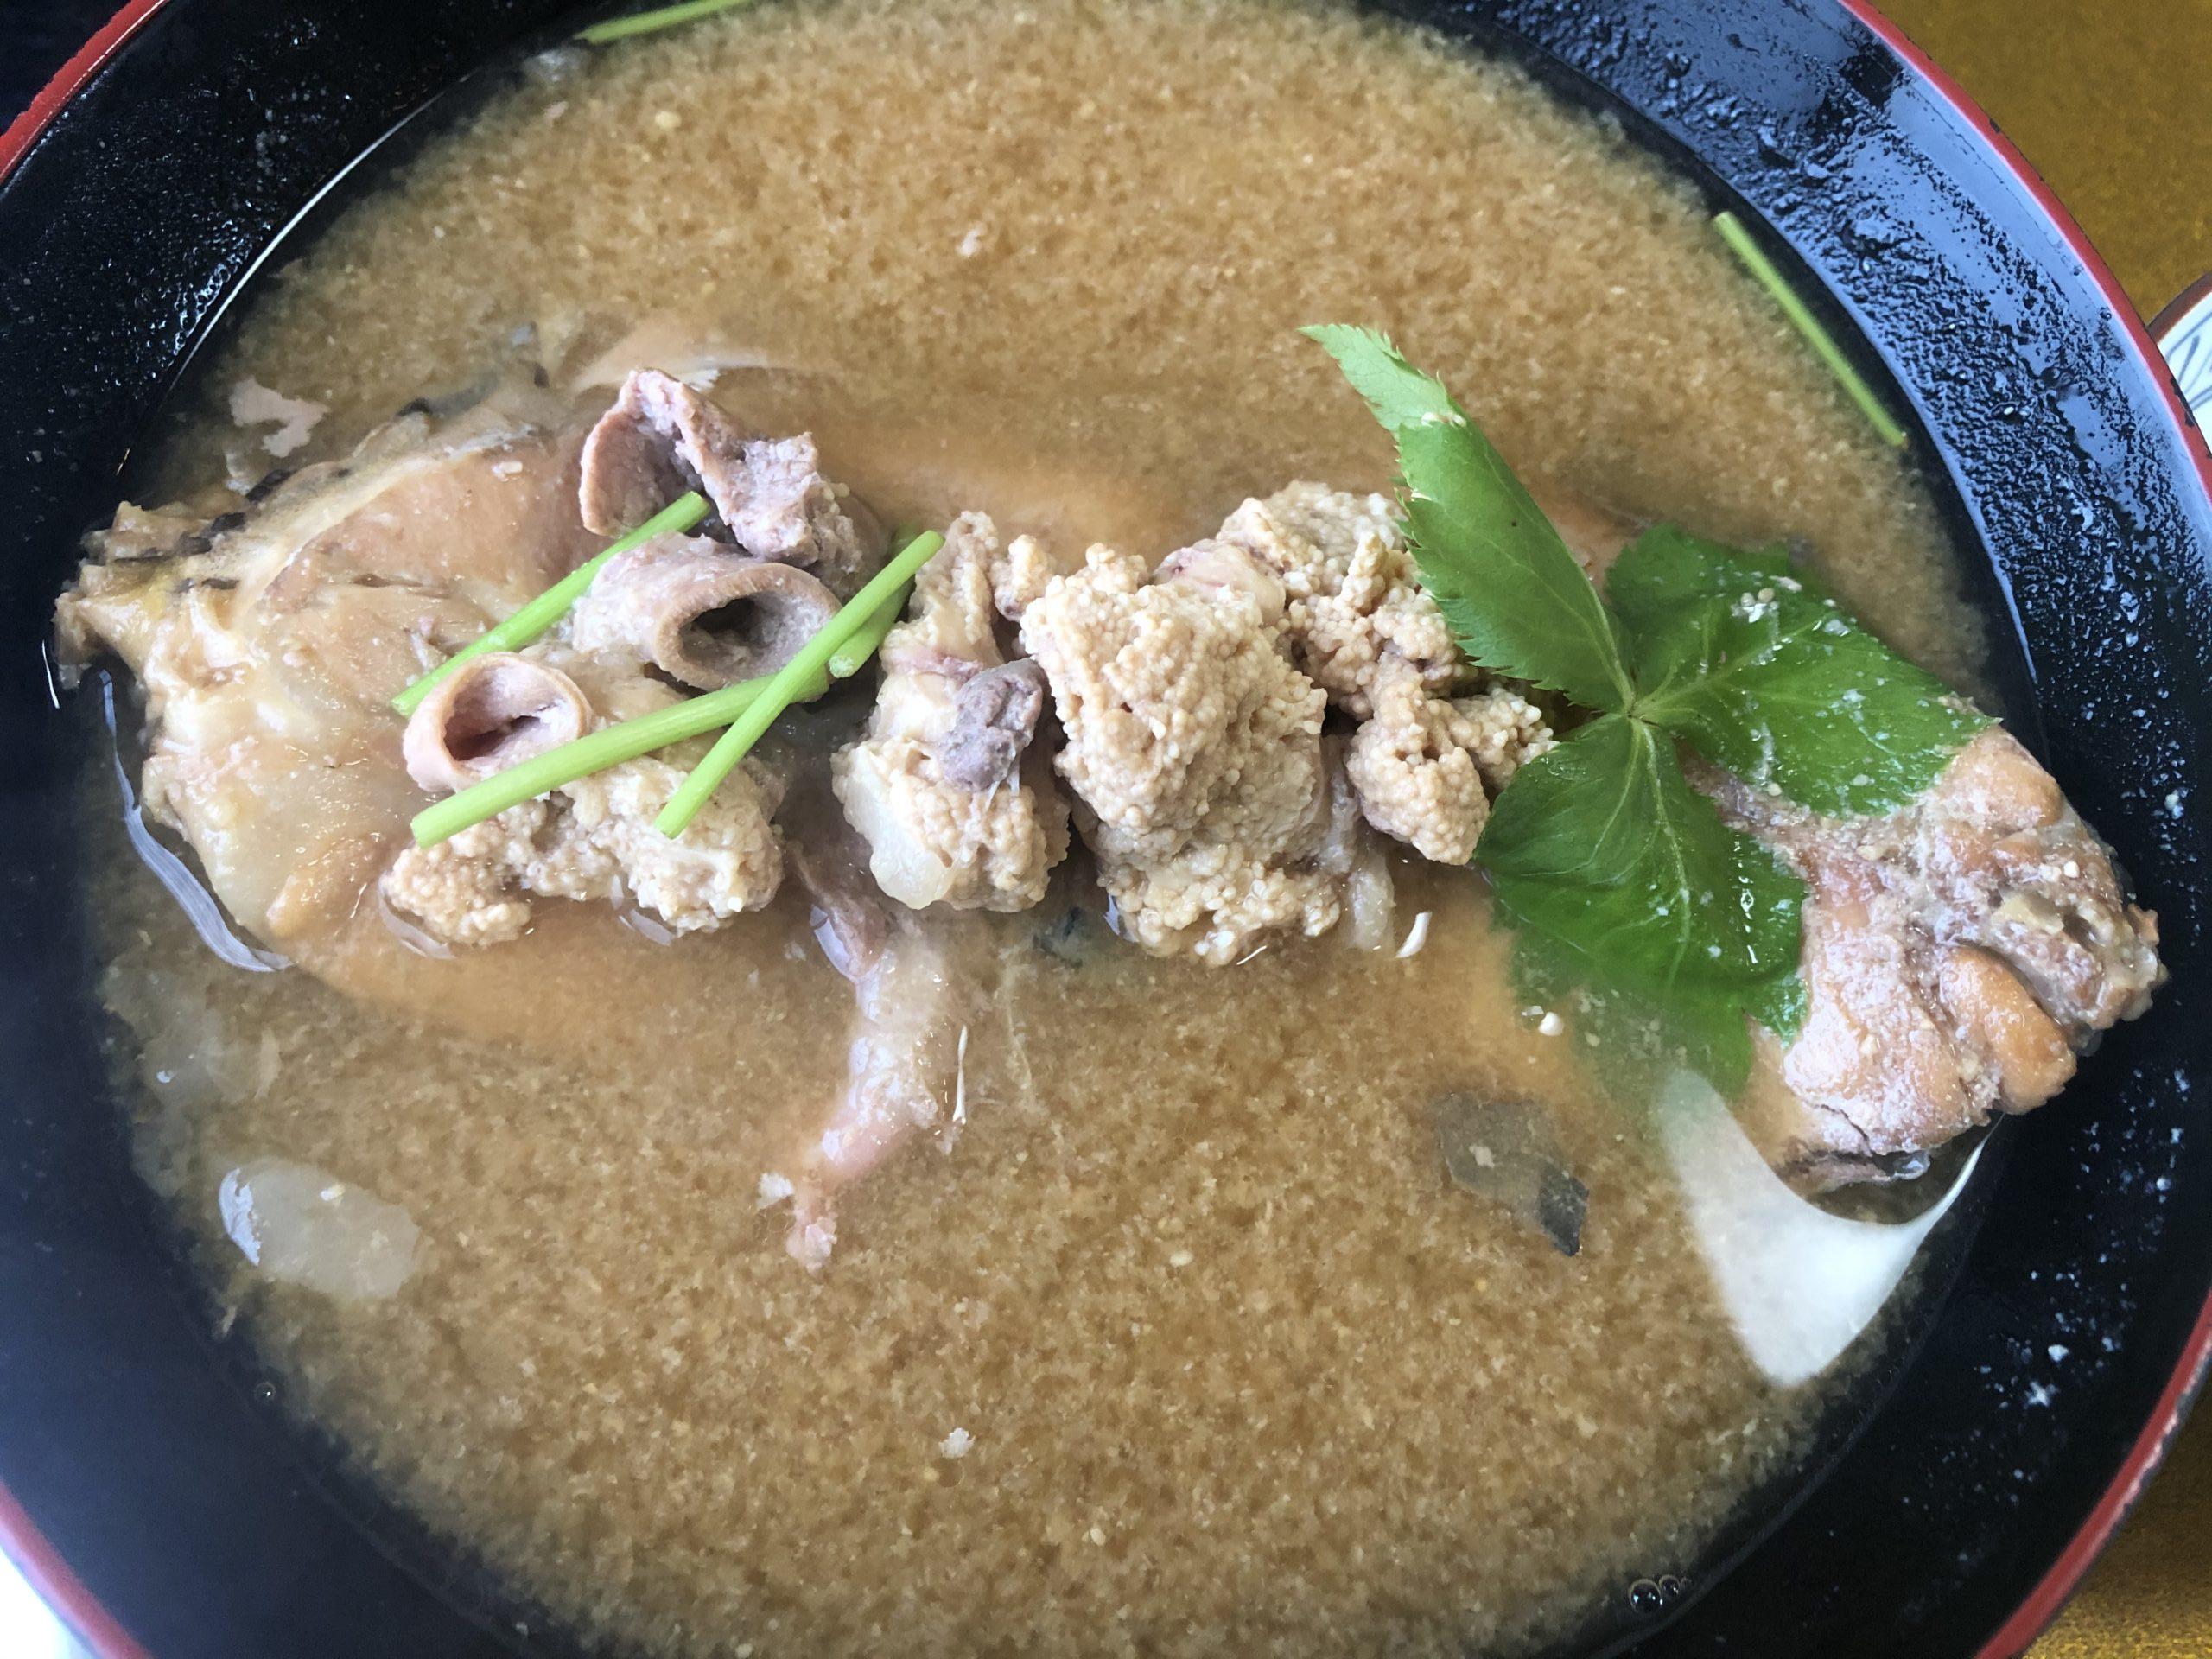 【アイモバリアルグルメツアー】上田/菅平エリアの鯉こくを食す